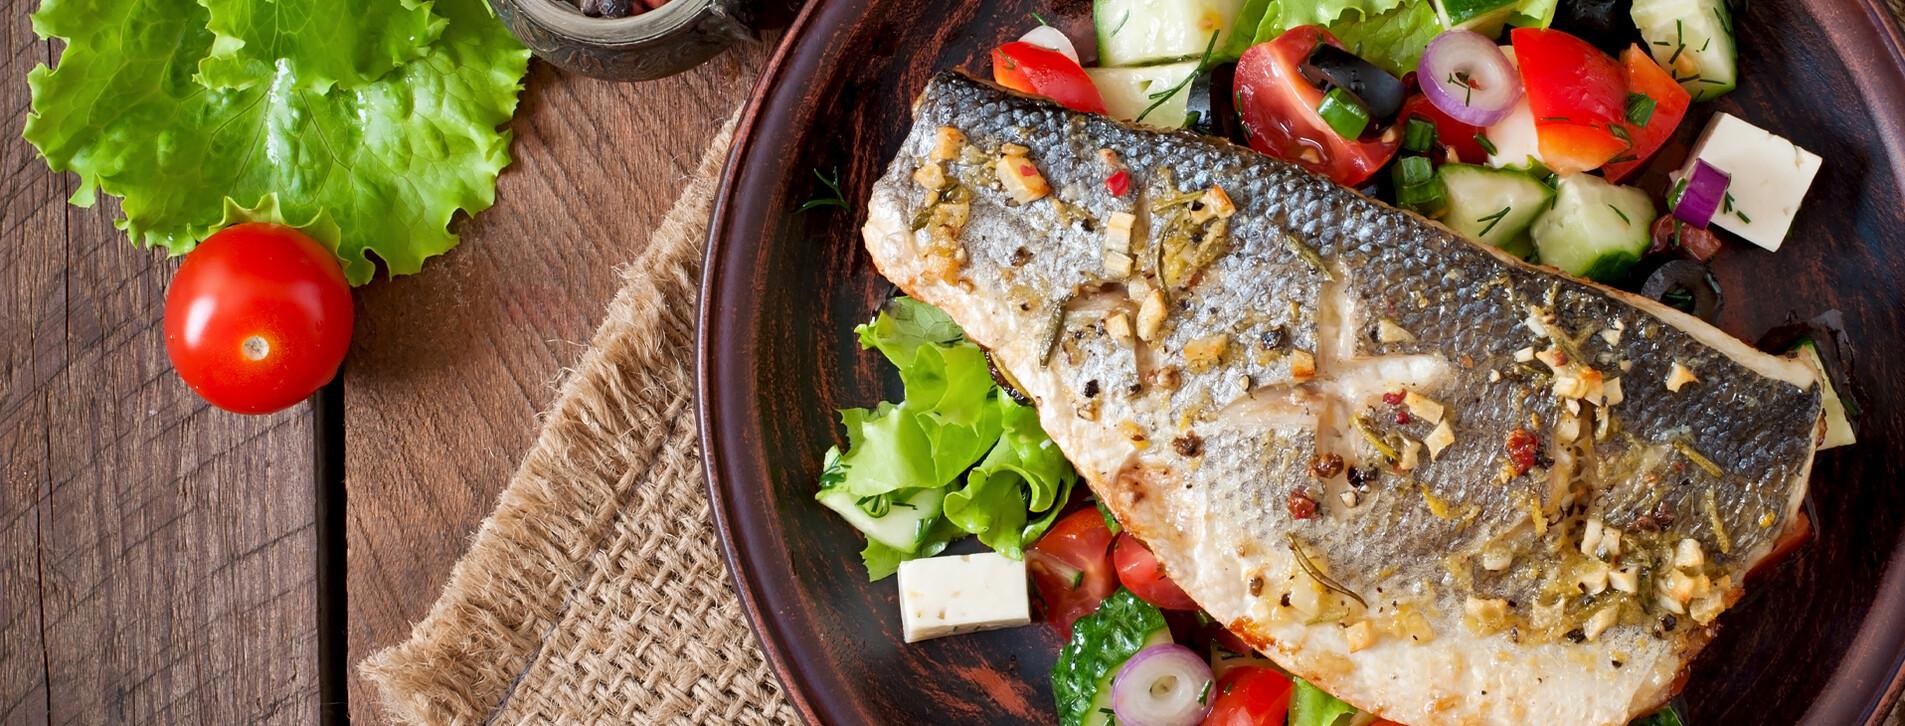 Fotoğraf 1 - İki Kişi için Balık Yemekleri Yapım Dersi